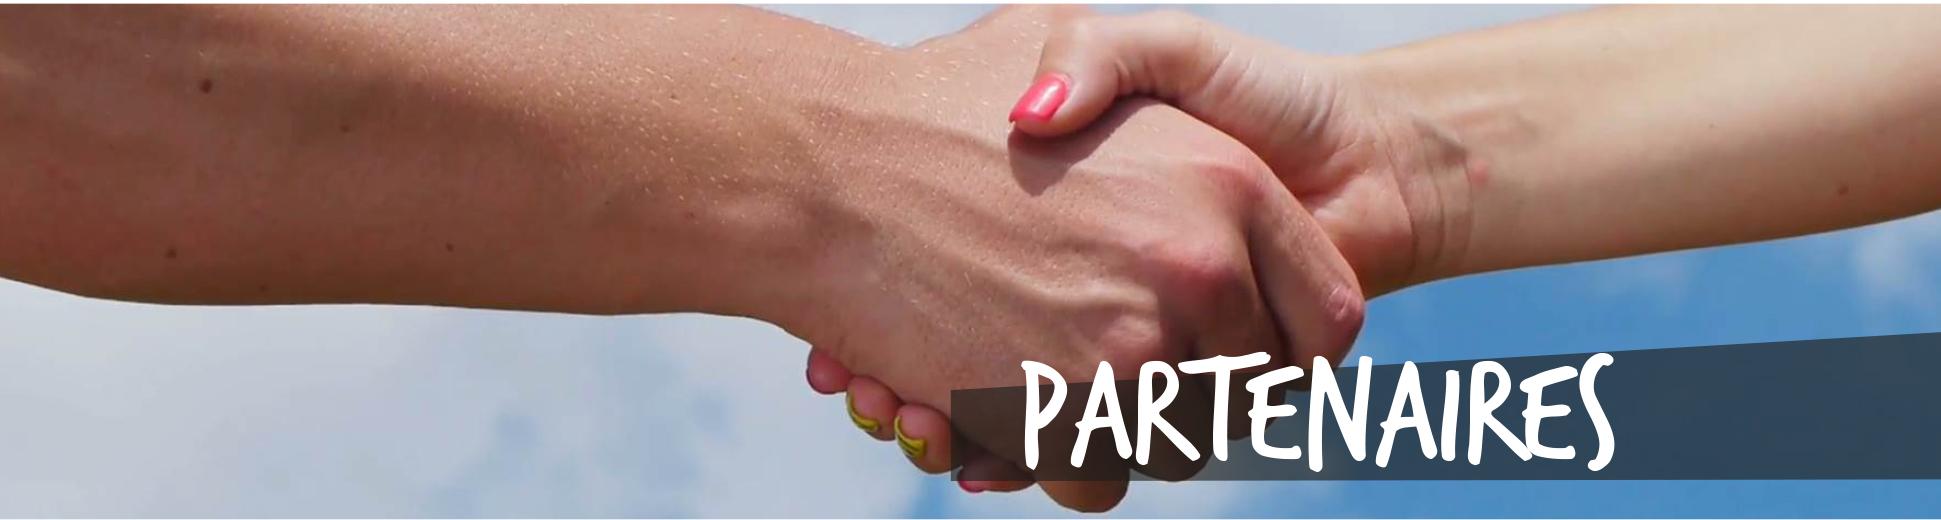 Eugénie Leydier, AIDEOR, partenaire, partenariat, Téléorthopédagogie, téléorthopédagogue, orthopédagogie en ligne, soutien pédagogique à distance, aide scolaire, expatriation, expatriée